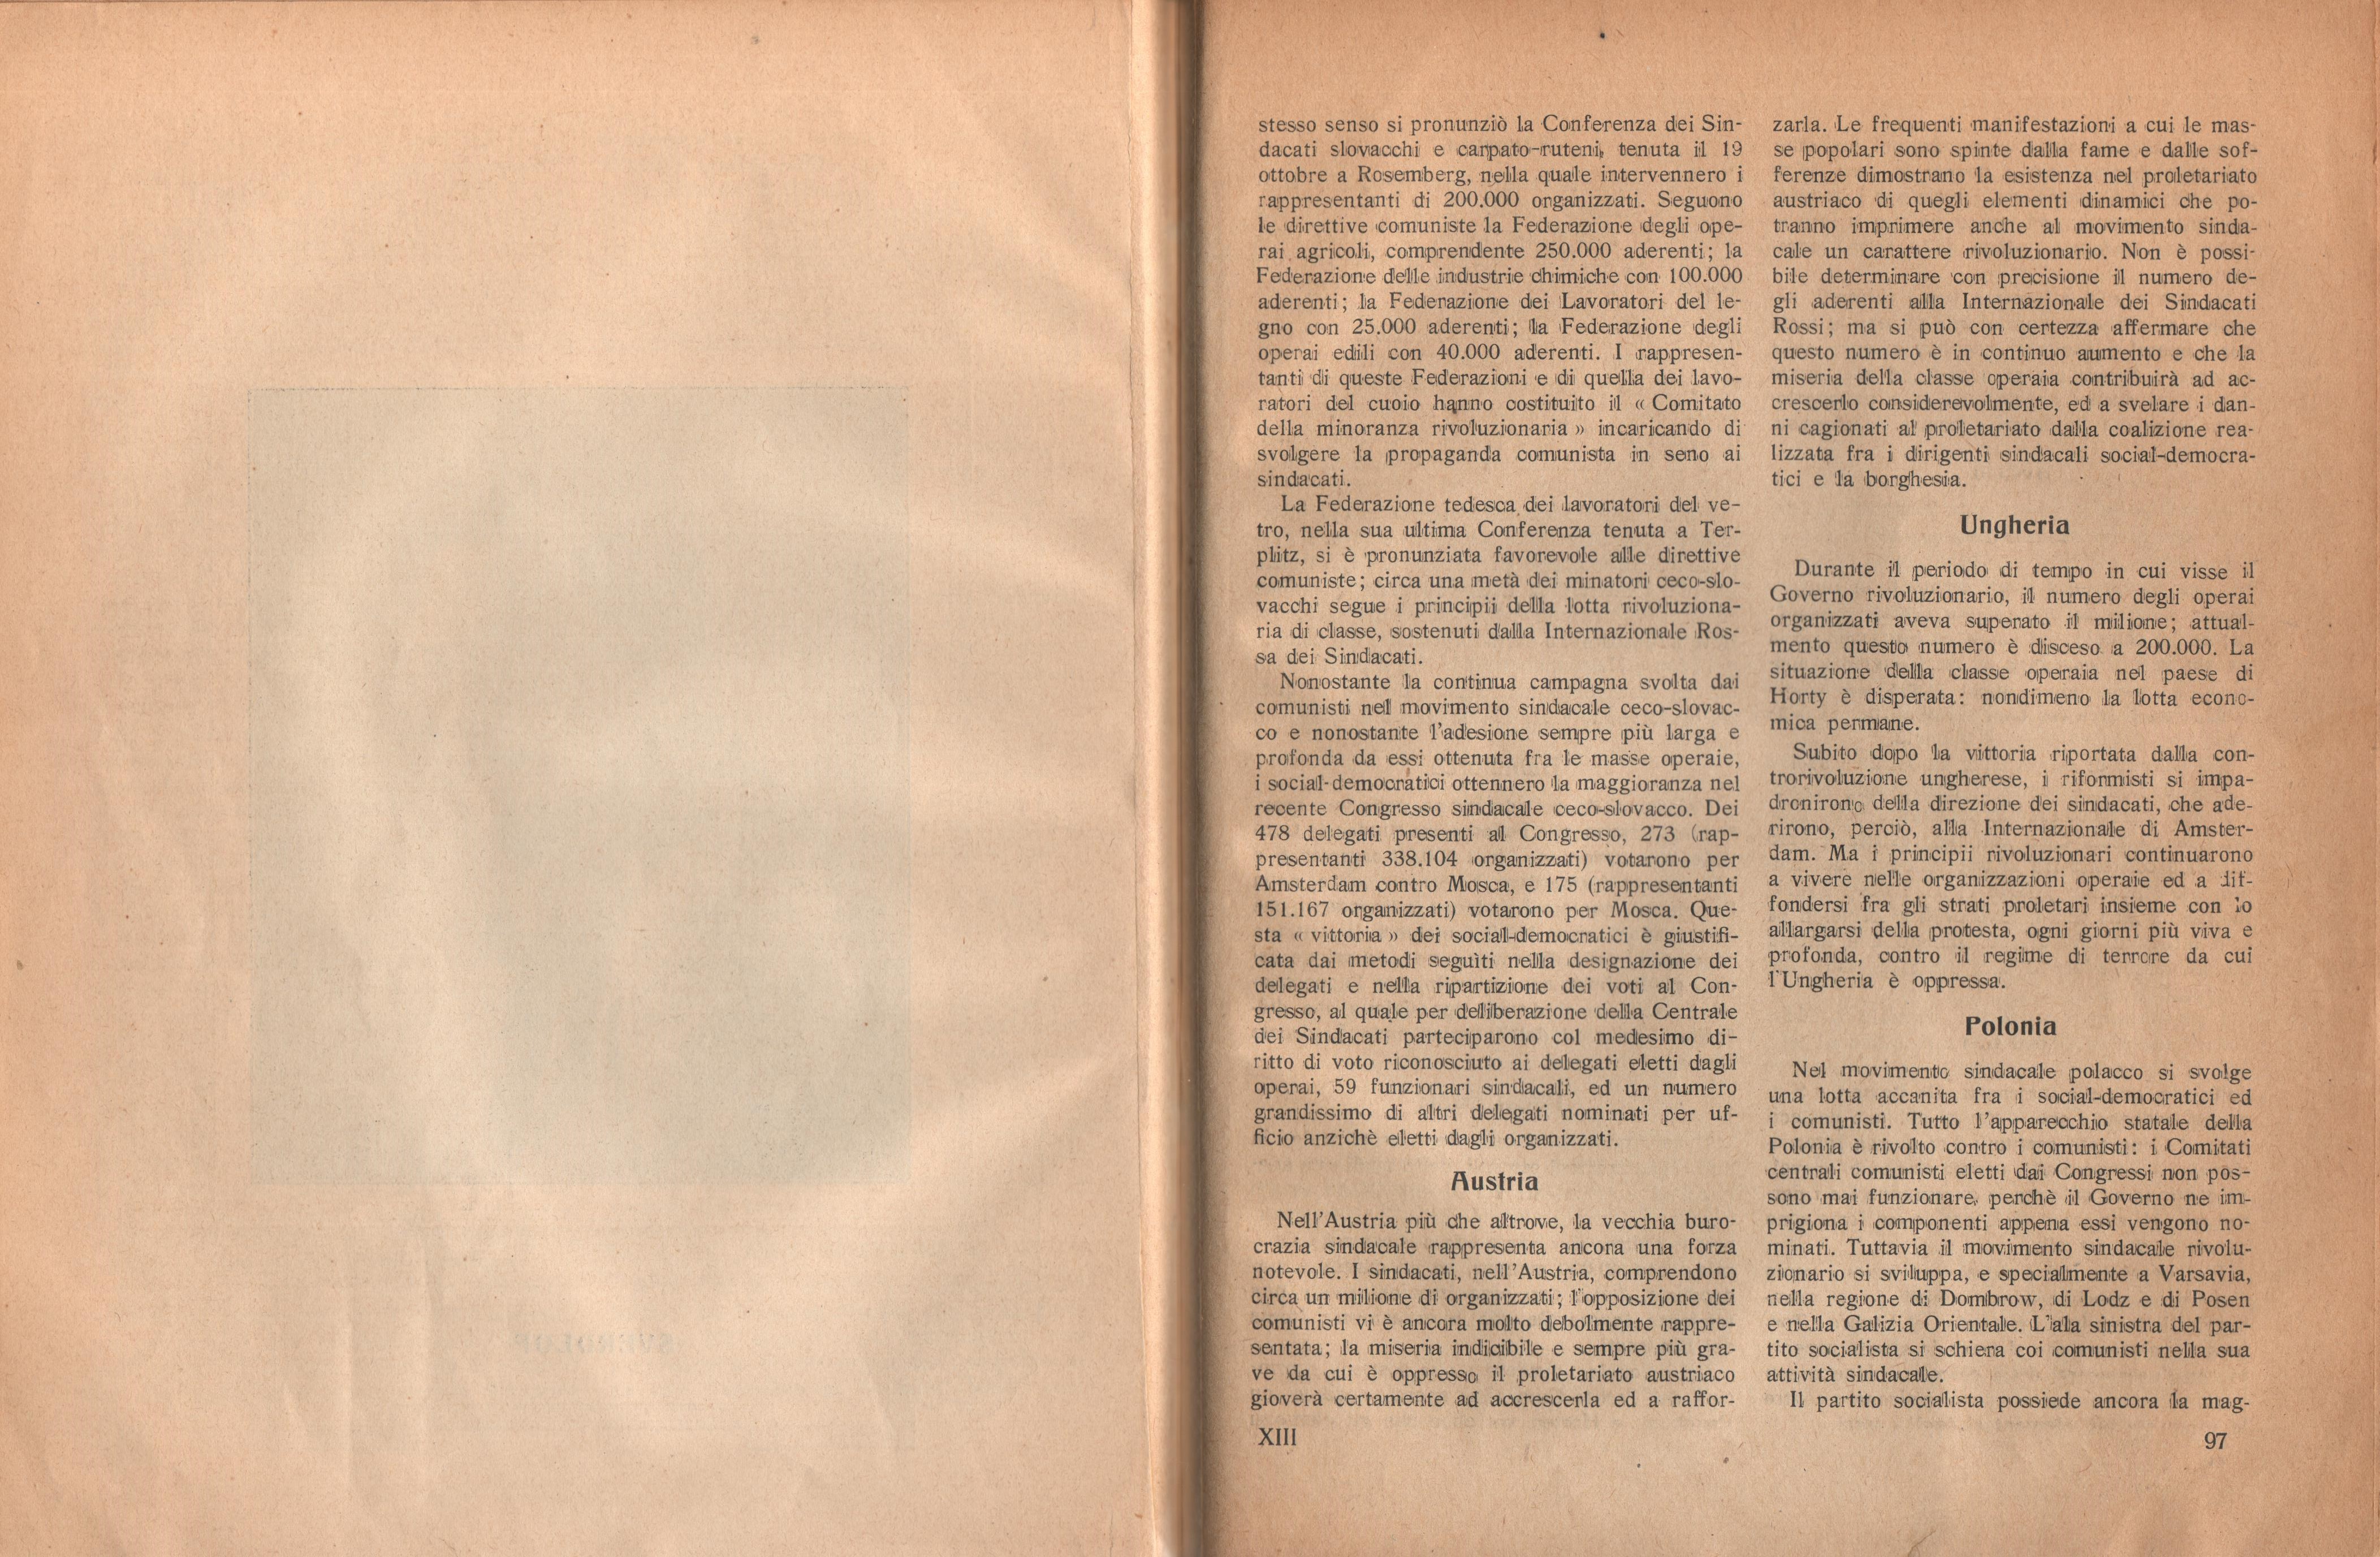 Almanacco comunista 1922 - pag. 58